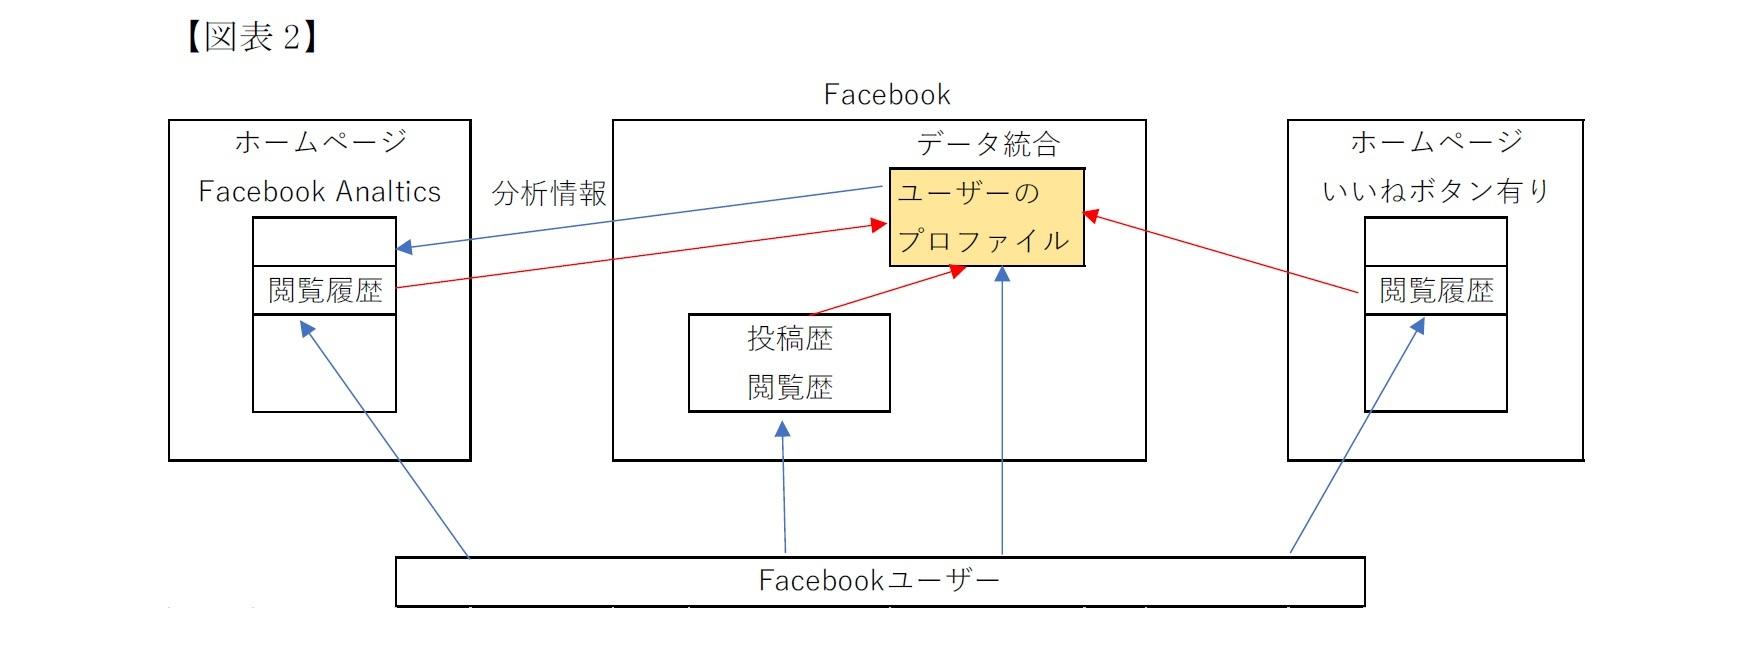 (図表2)個人情報の範囲とこれまでの議論